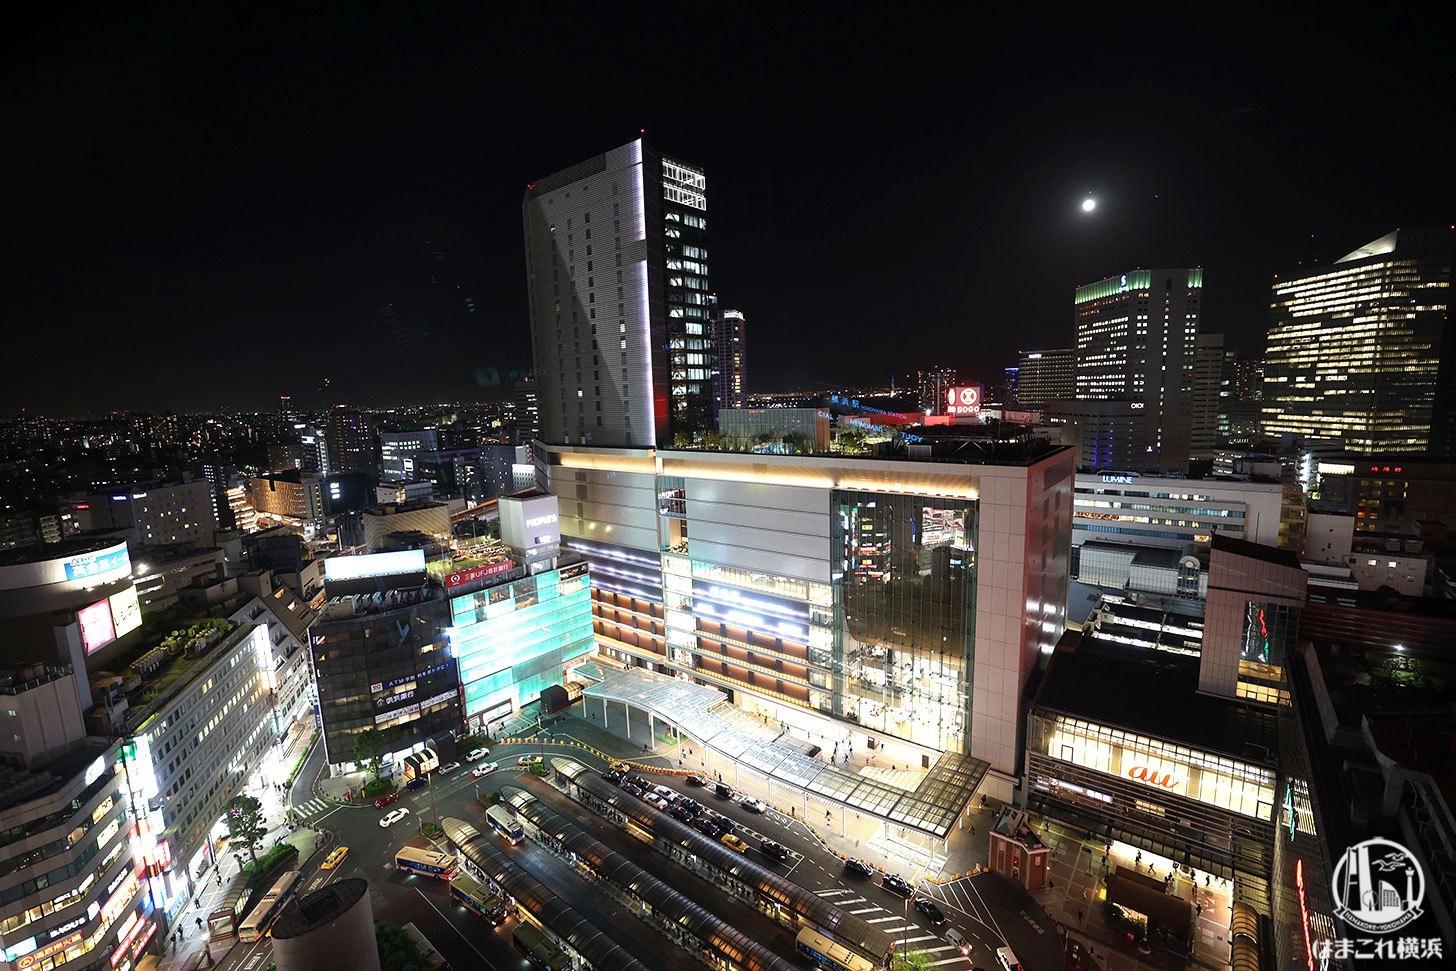 横浜ベイシェラトンホテル&タワーズに泊まって気分転換!部屋から眺める景色に癒された